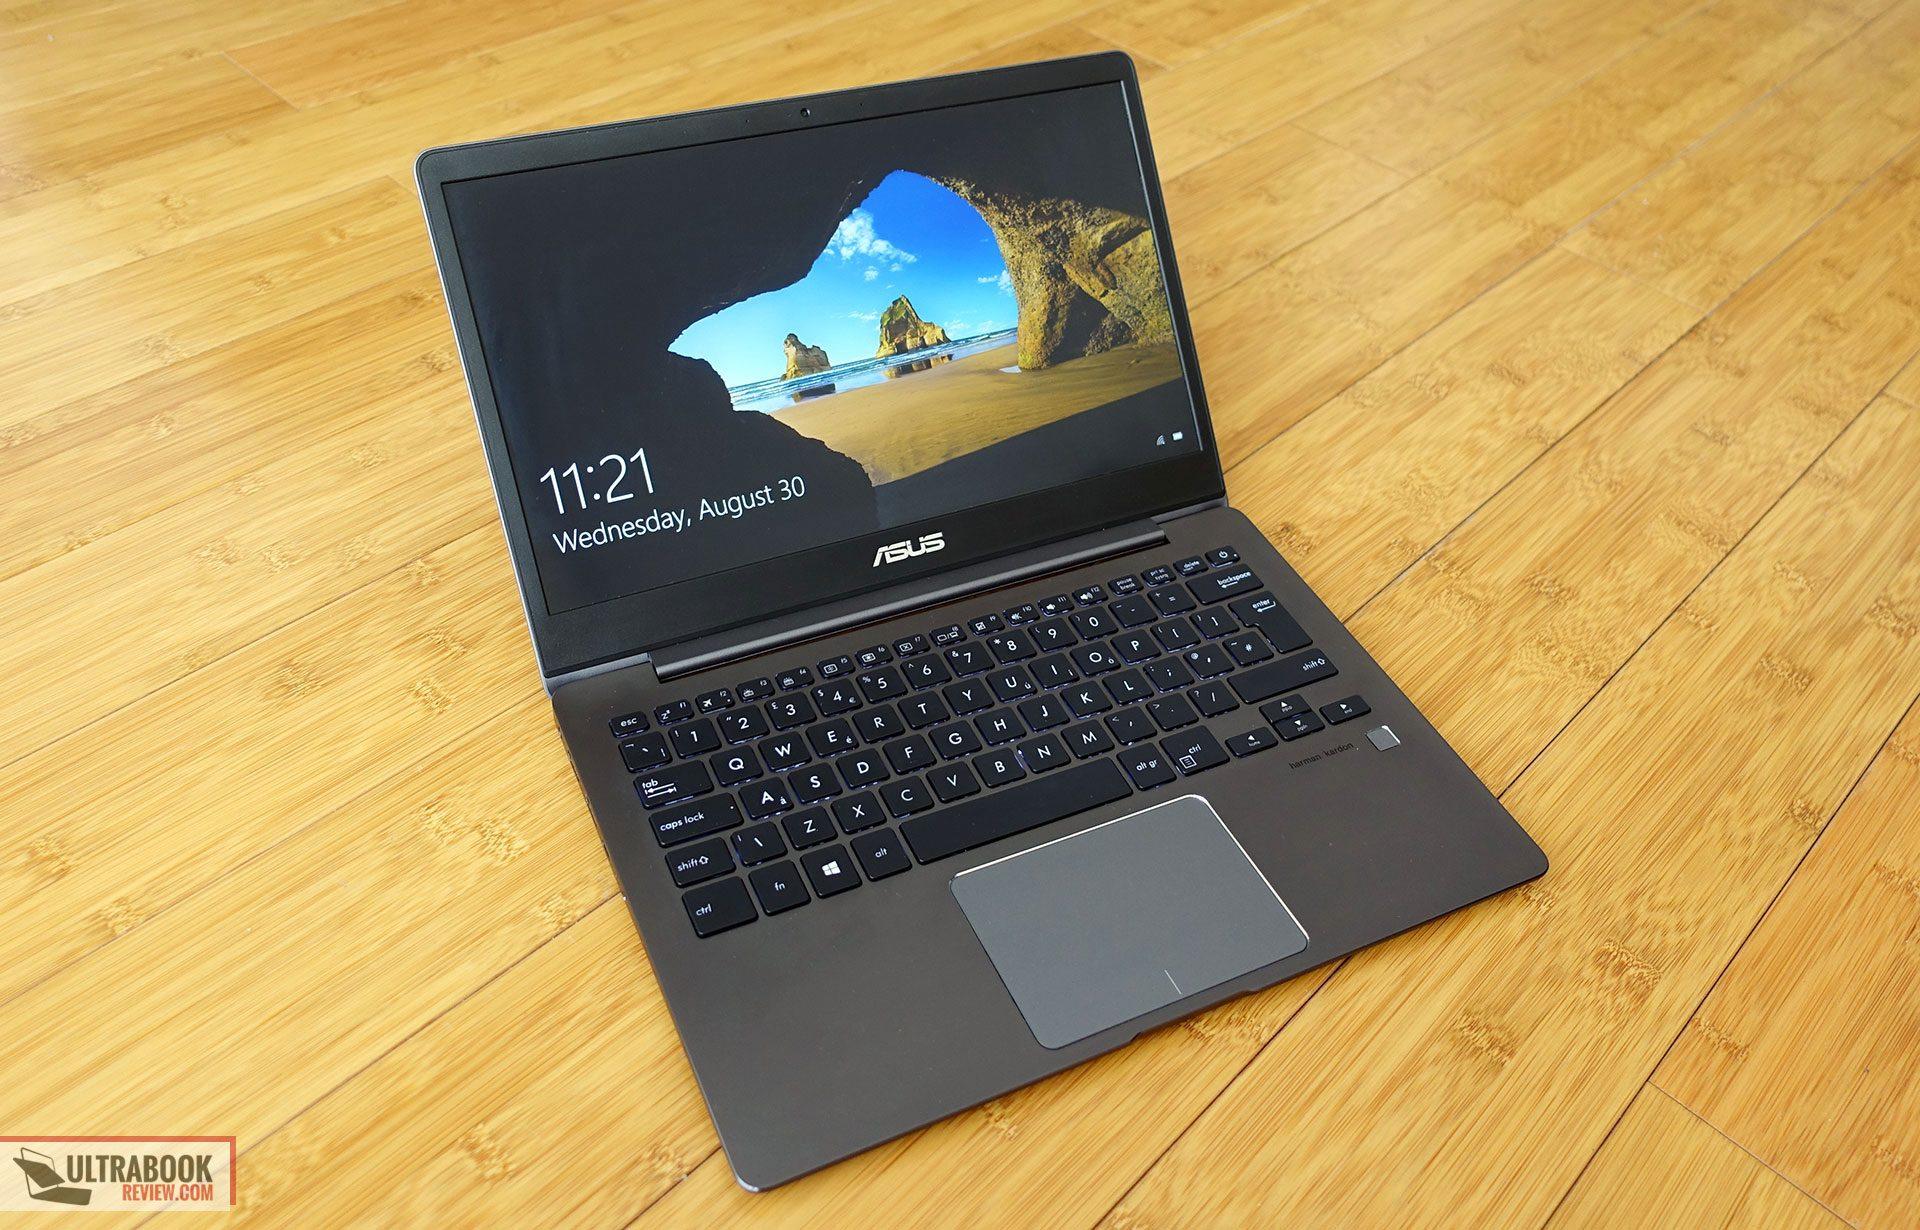 Asus Zenbook 13 UX331UN review - Core i5-8250U CPU and Nvidia MX150